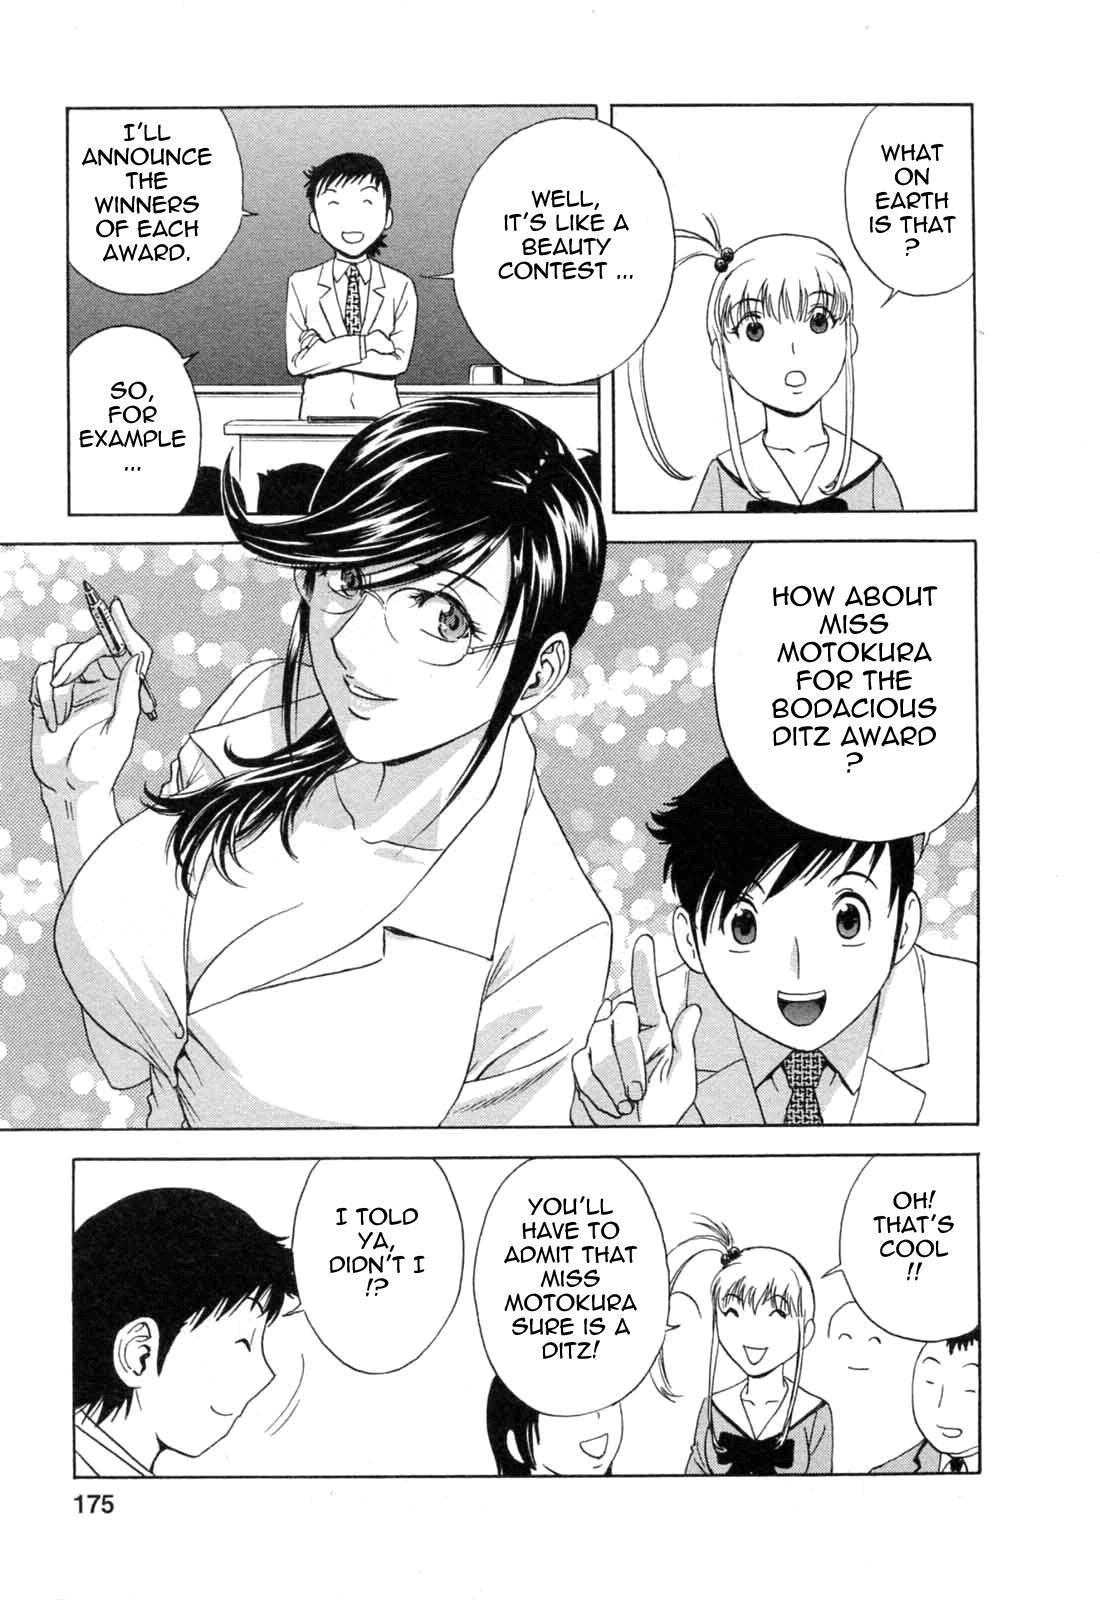 [Hidemaru] Mo-Retsu! Boin Sensei (Boing Boing Teacher) Vol.5 [English] [4dawgz] [Tadanohito] 173